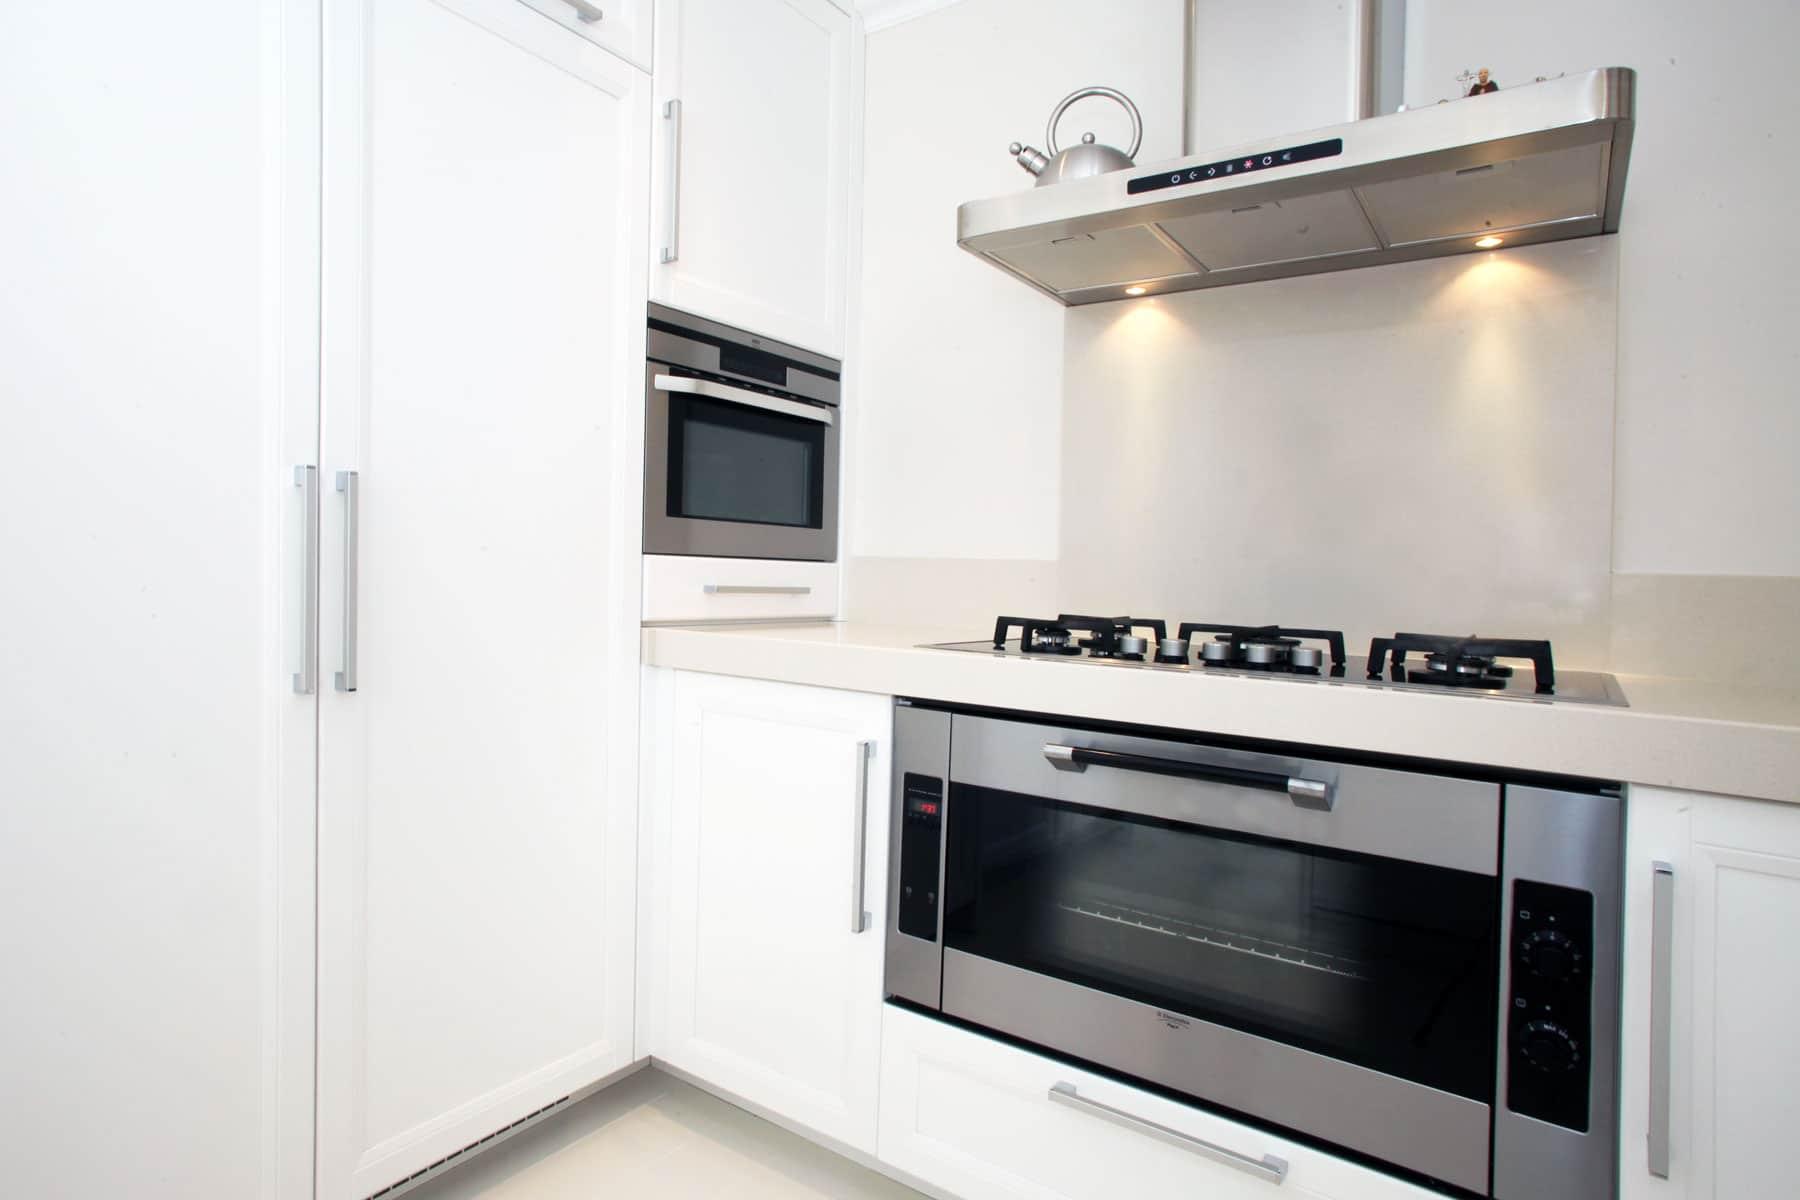 Cucina con piani in quarzo falegnameria caponi - Piani cucina in quarzo ...